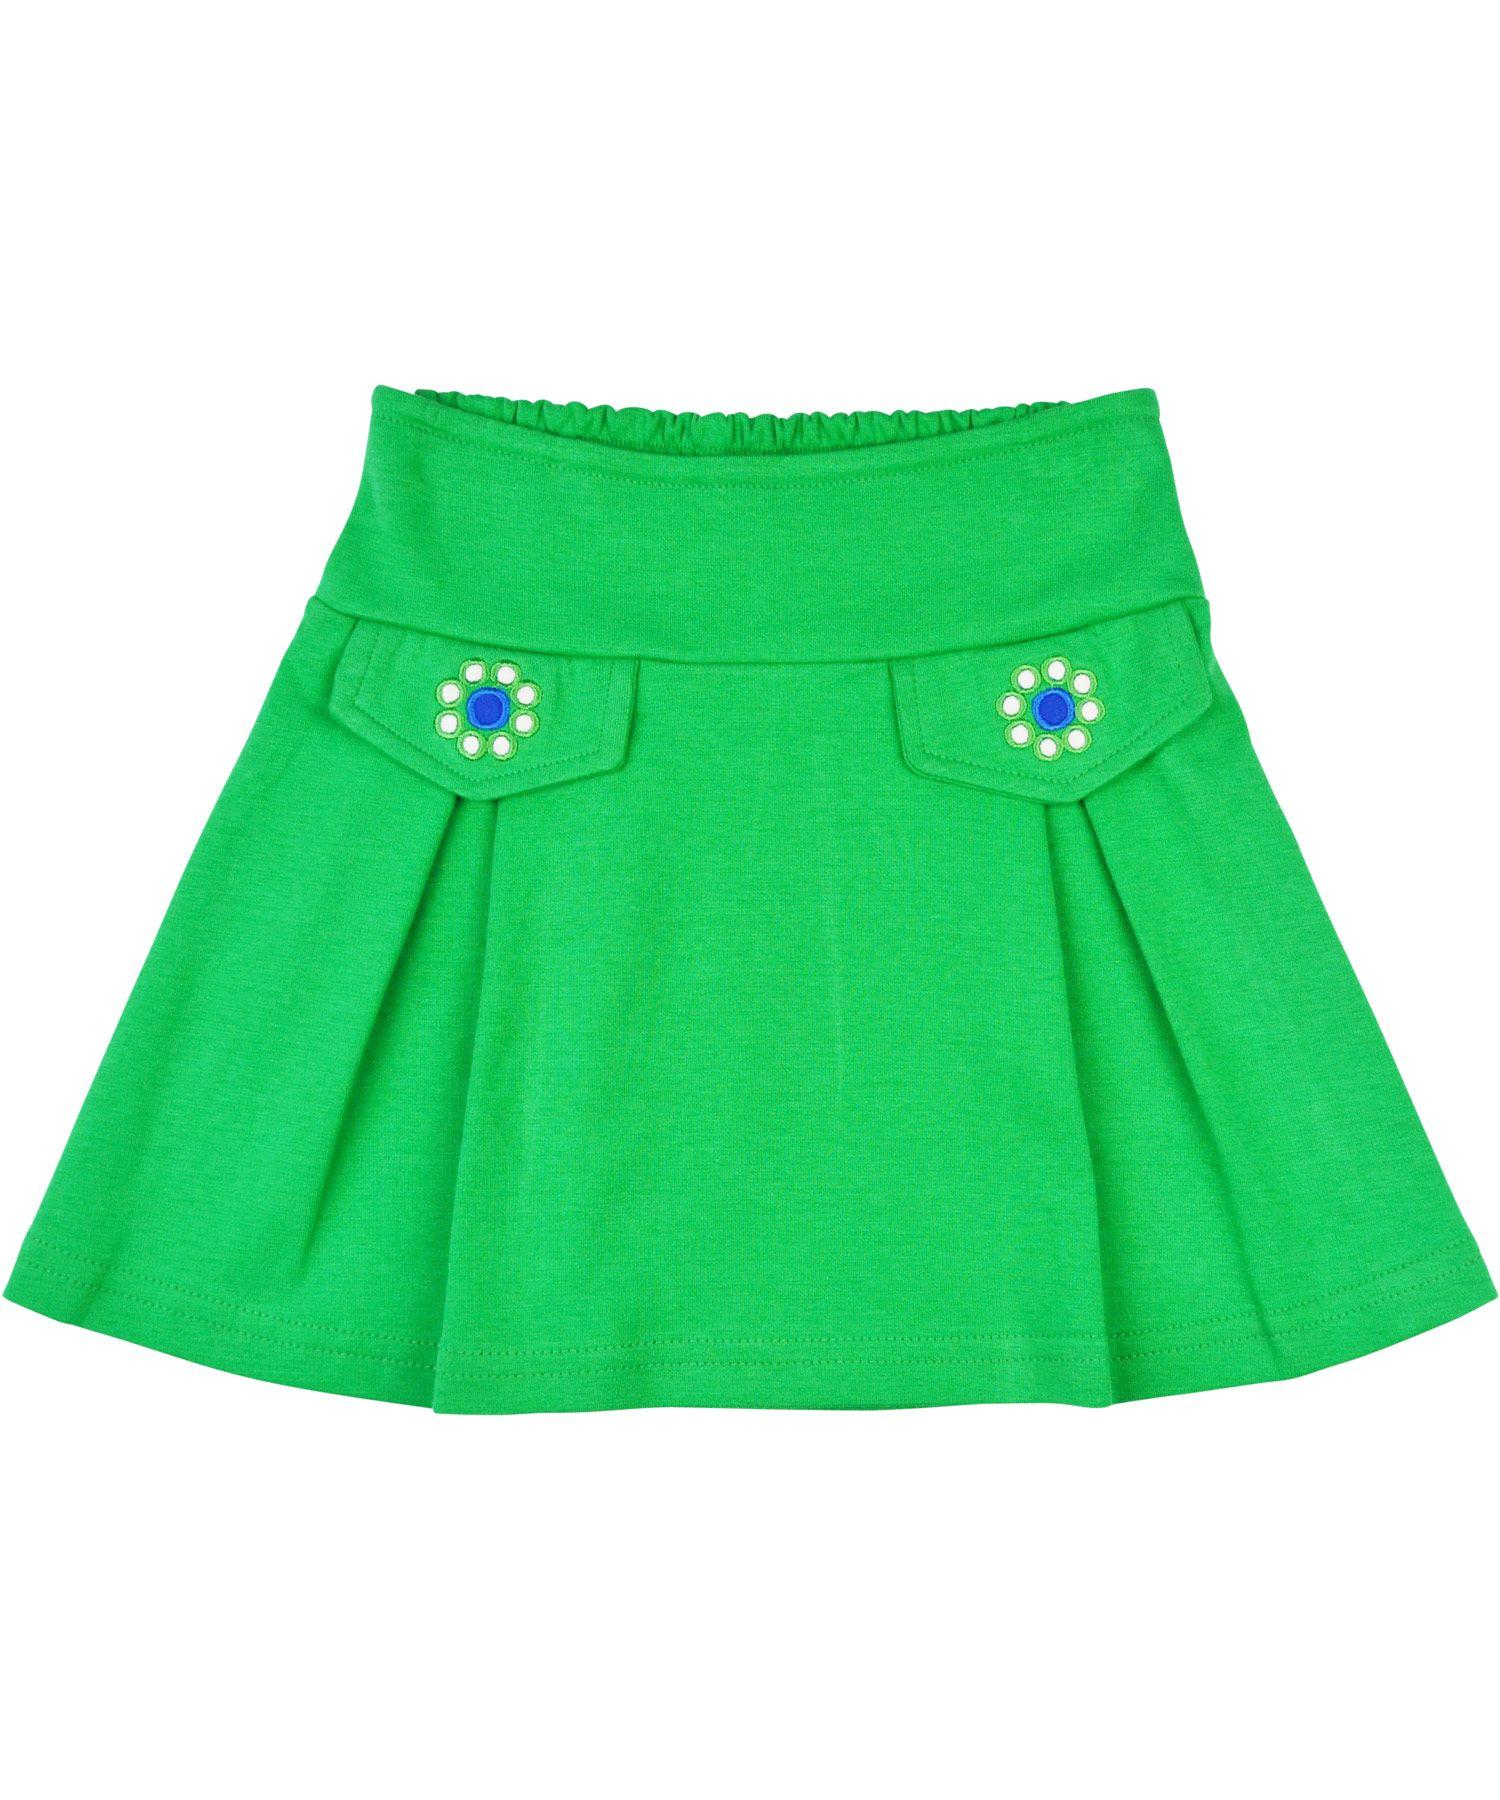 Baba Babywear charmant groen rokje met bloemetjes. baba-babywear.nl.emilea.be